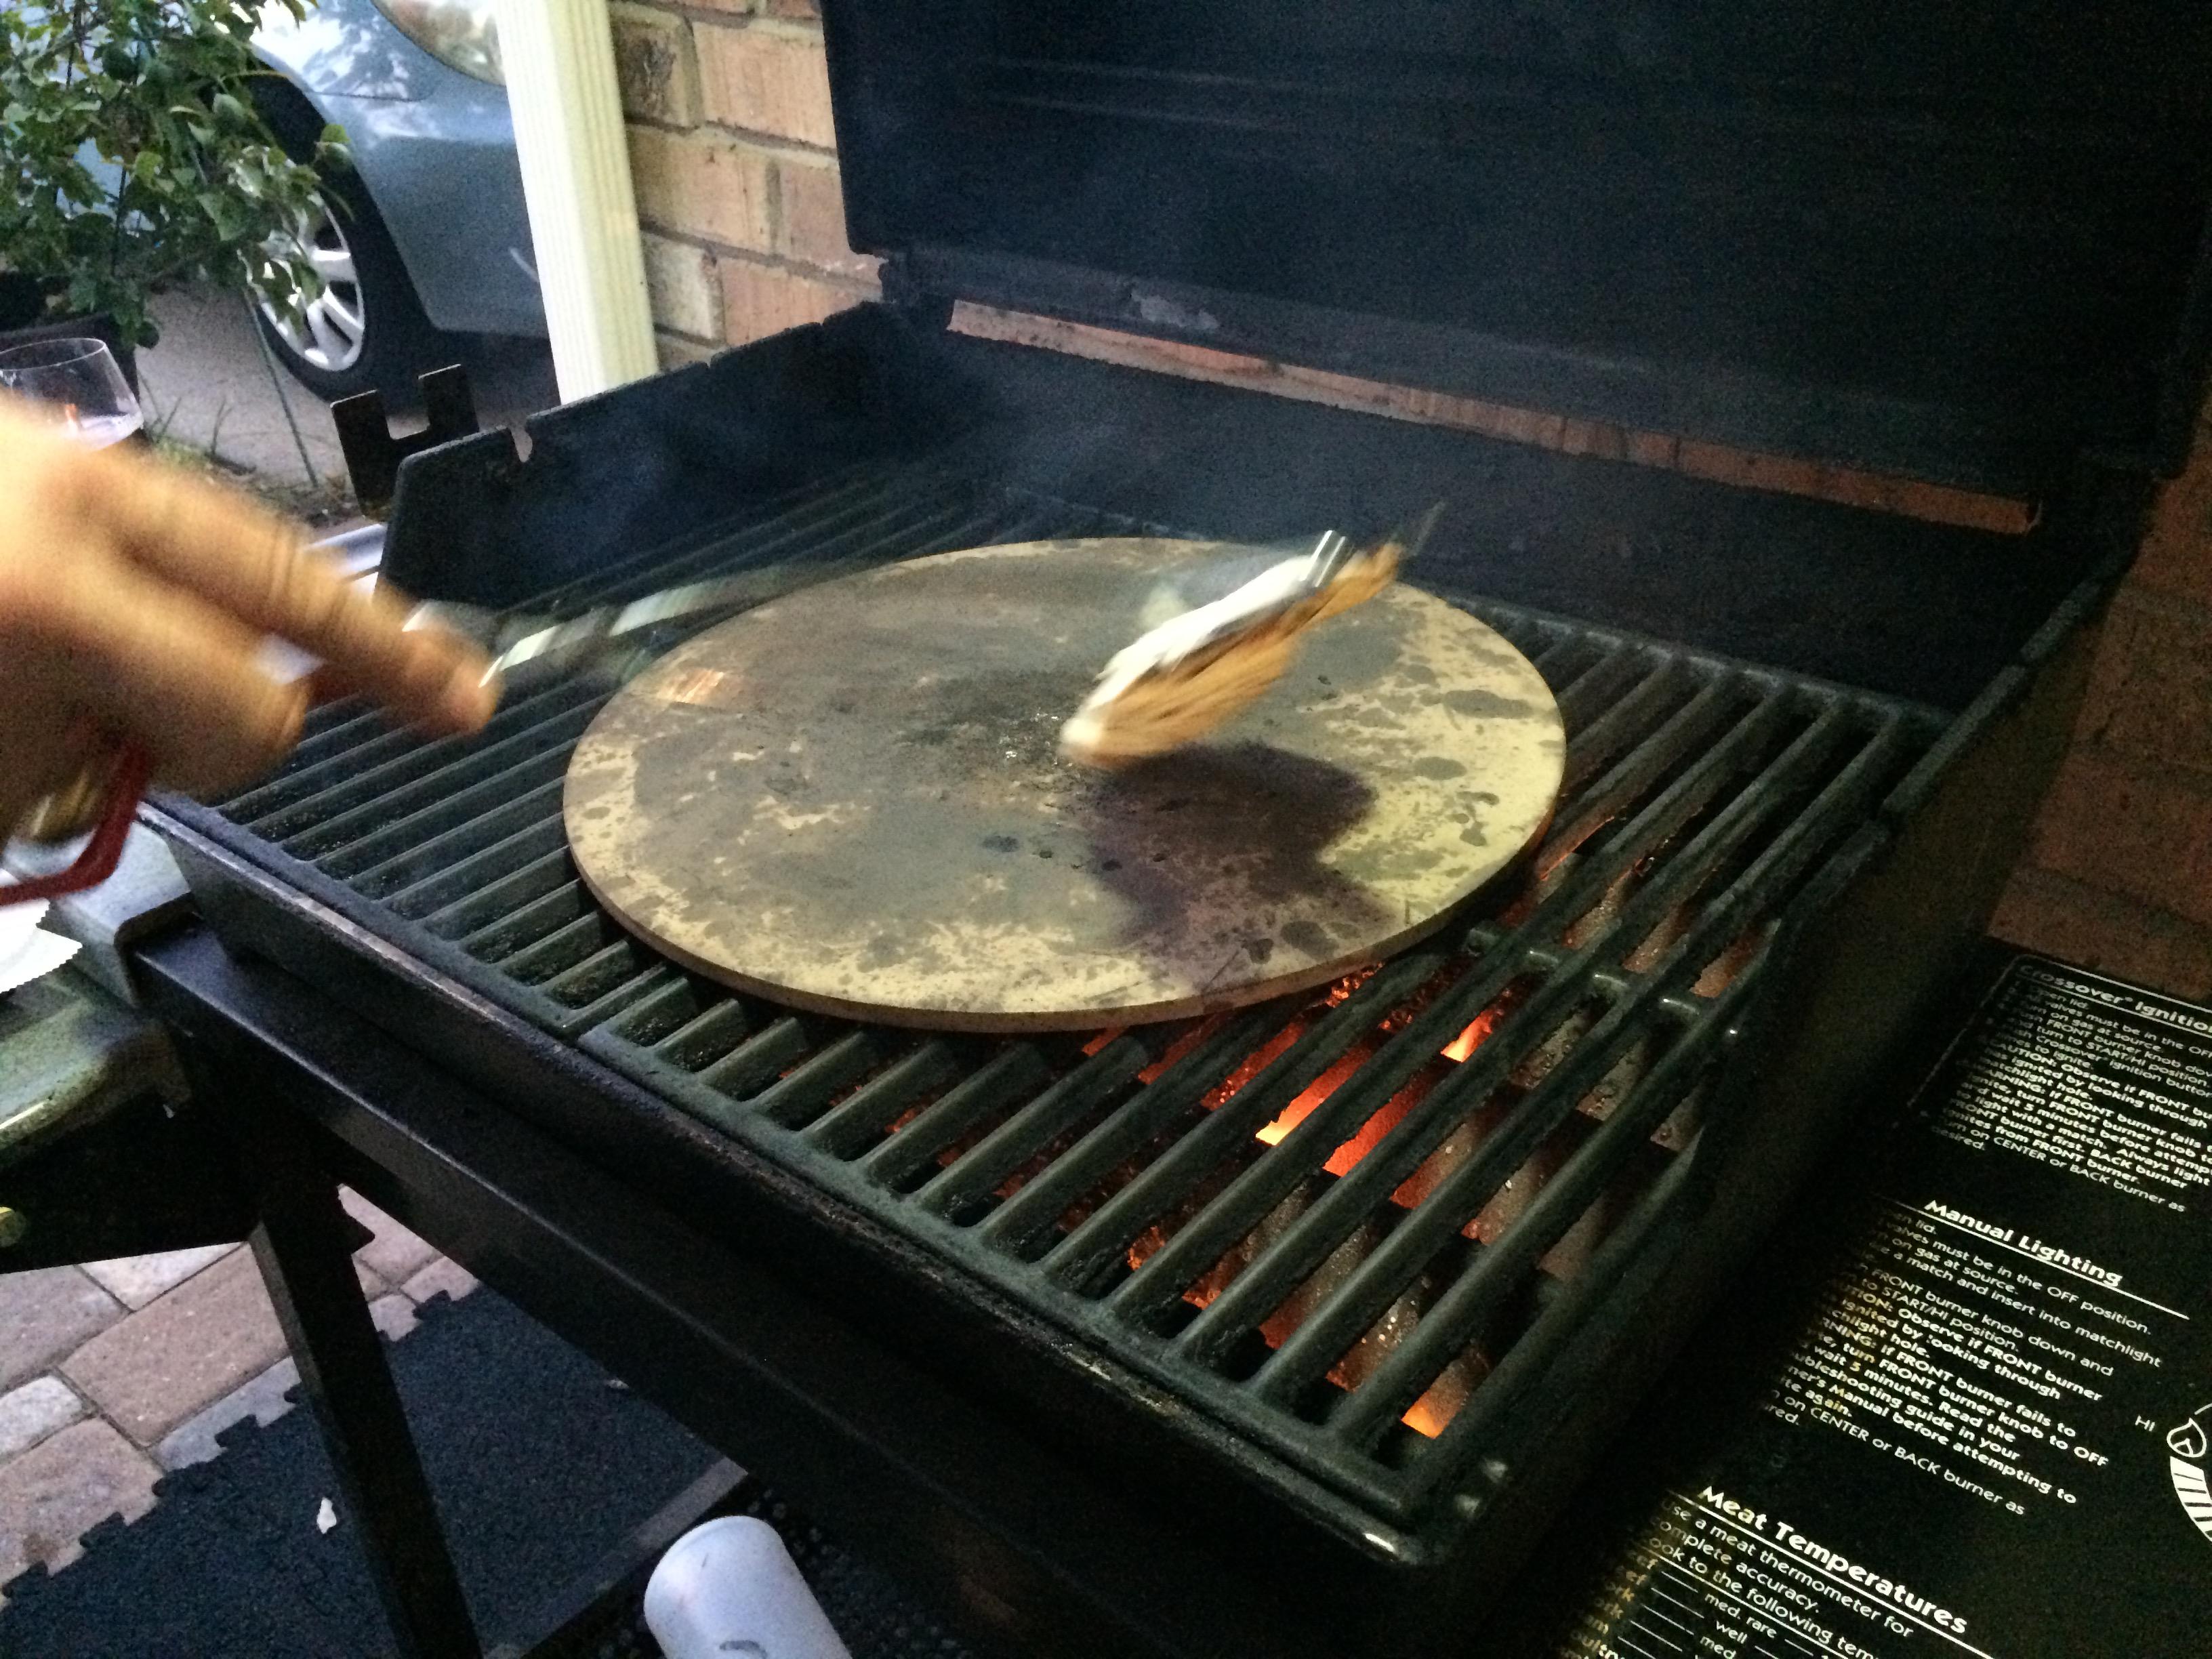 naan on a barbecue pizza stone grandpa u0027s grill and wine cellar